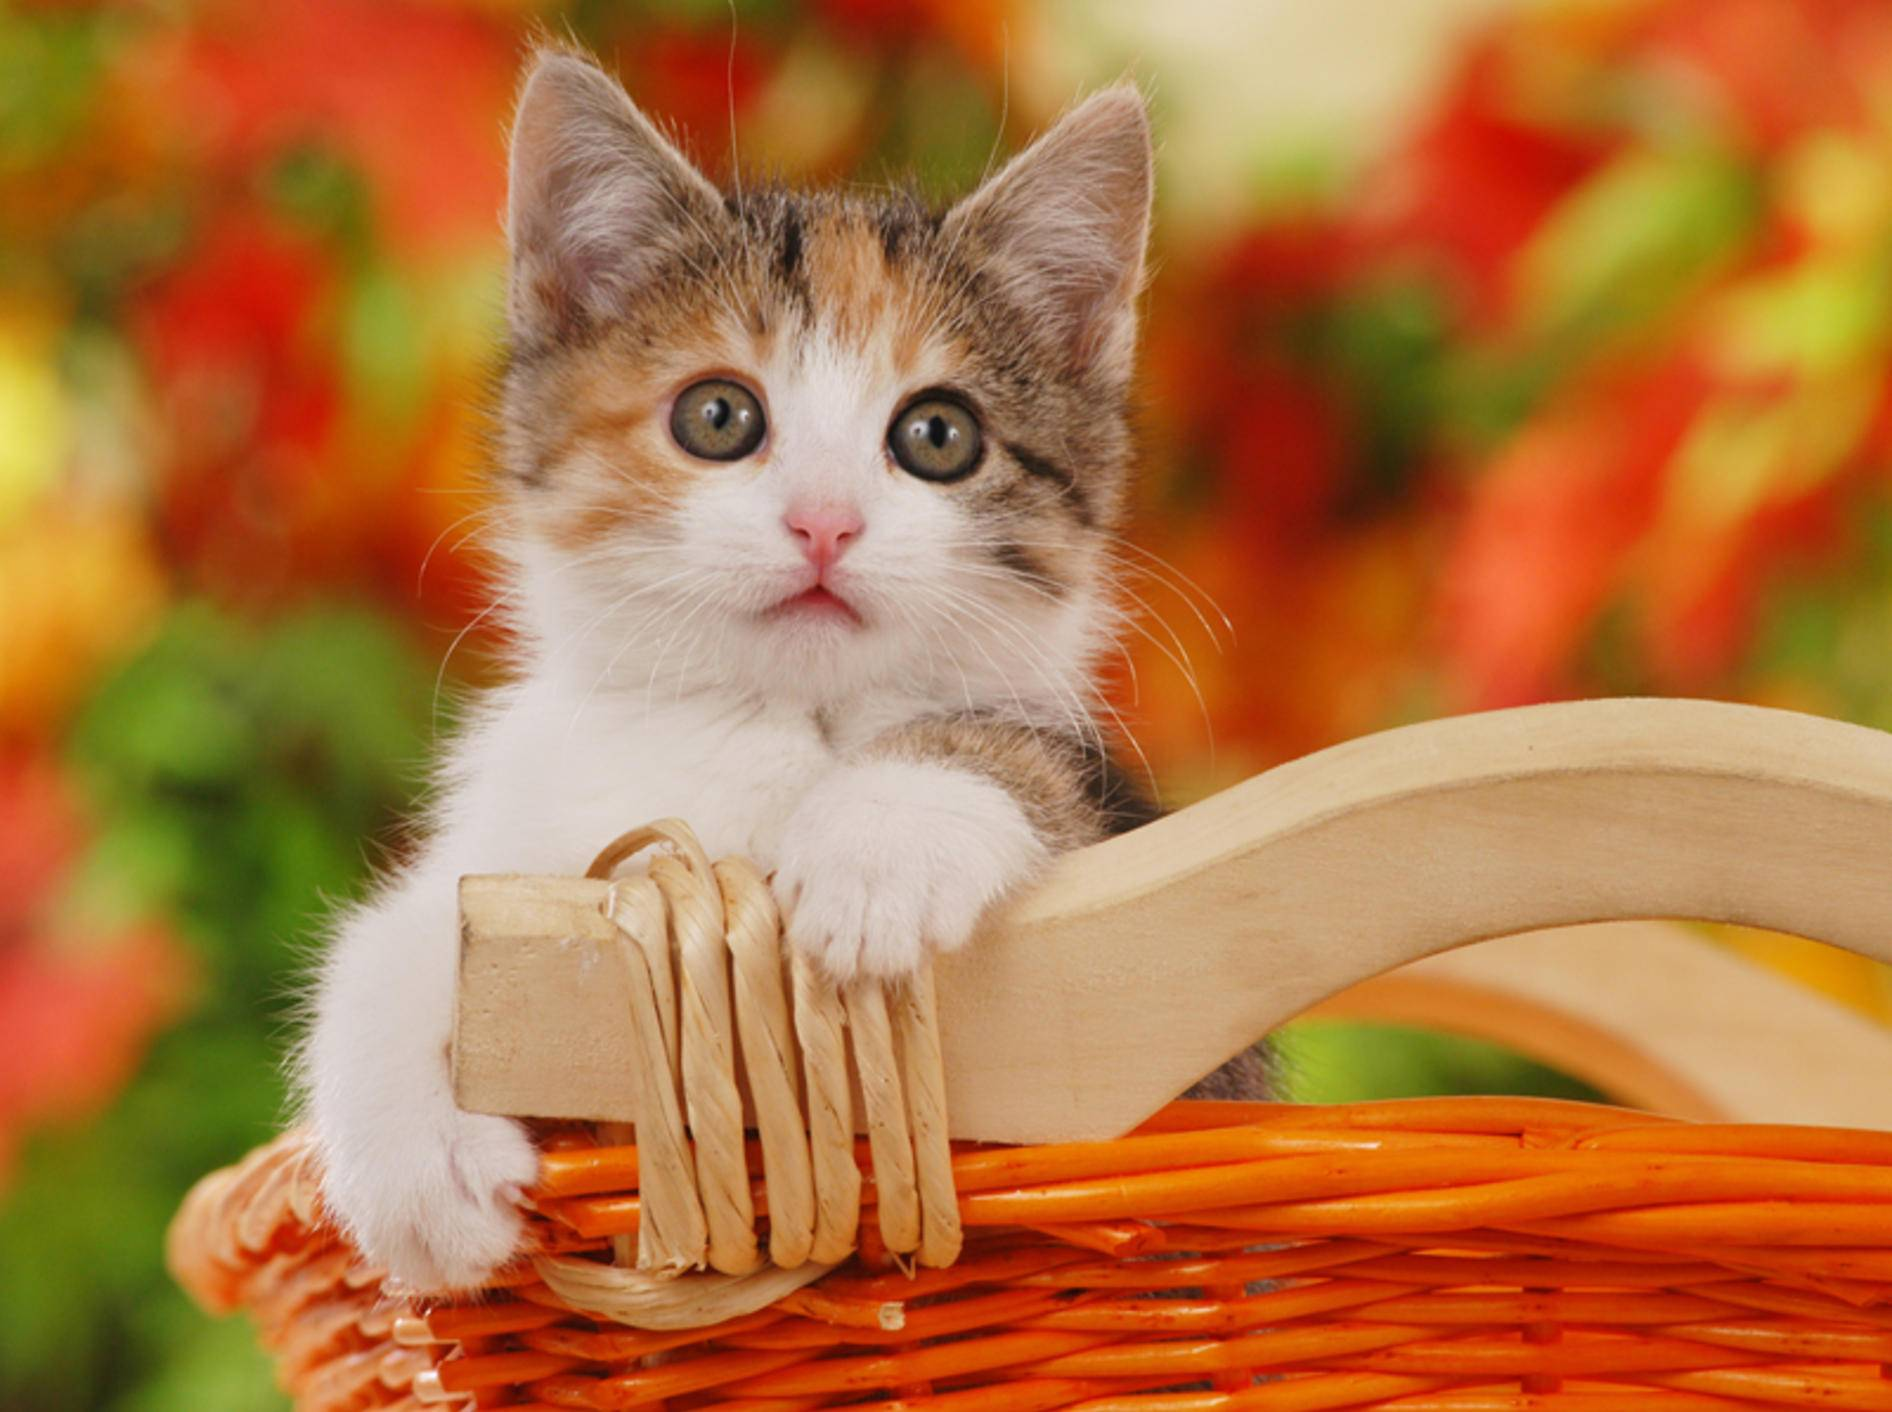 Viele Katzenbabys im Tierheim warten auf ein Herrchen oder Frauchen – Bild: Shutterstock / absolutimages